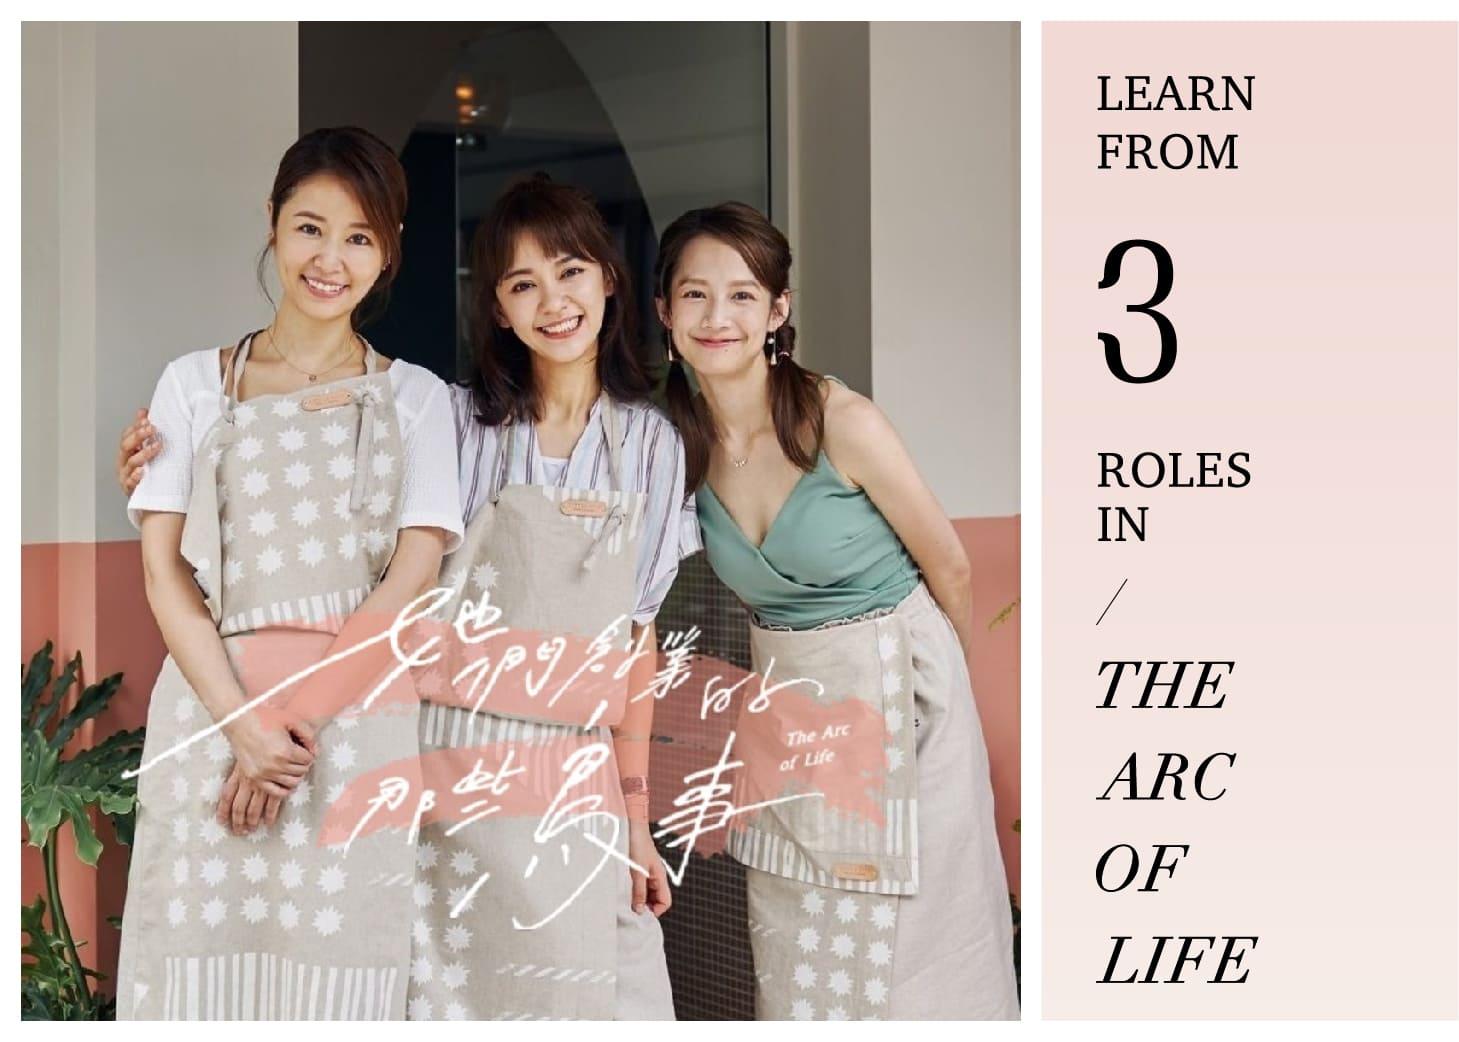 摩登女子|向《她們創業的那些鳥事》3位主角學習「笑話人生」職場必備技能 !笑中帶淚、不帶後悔